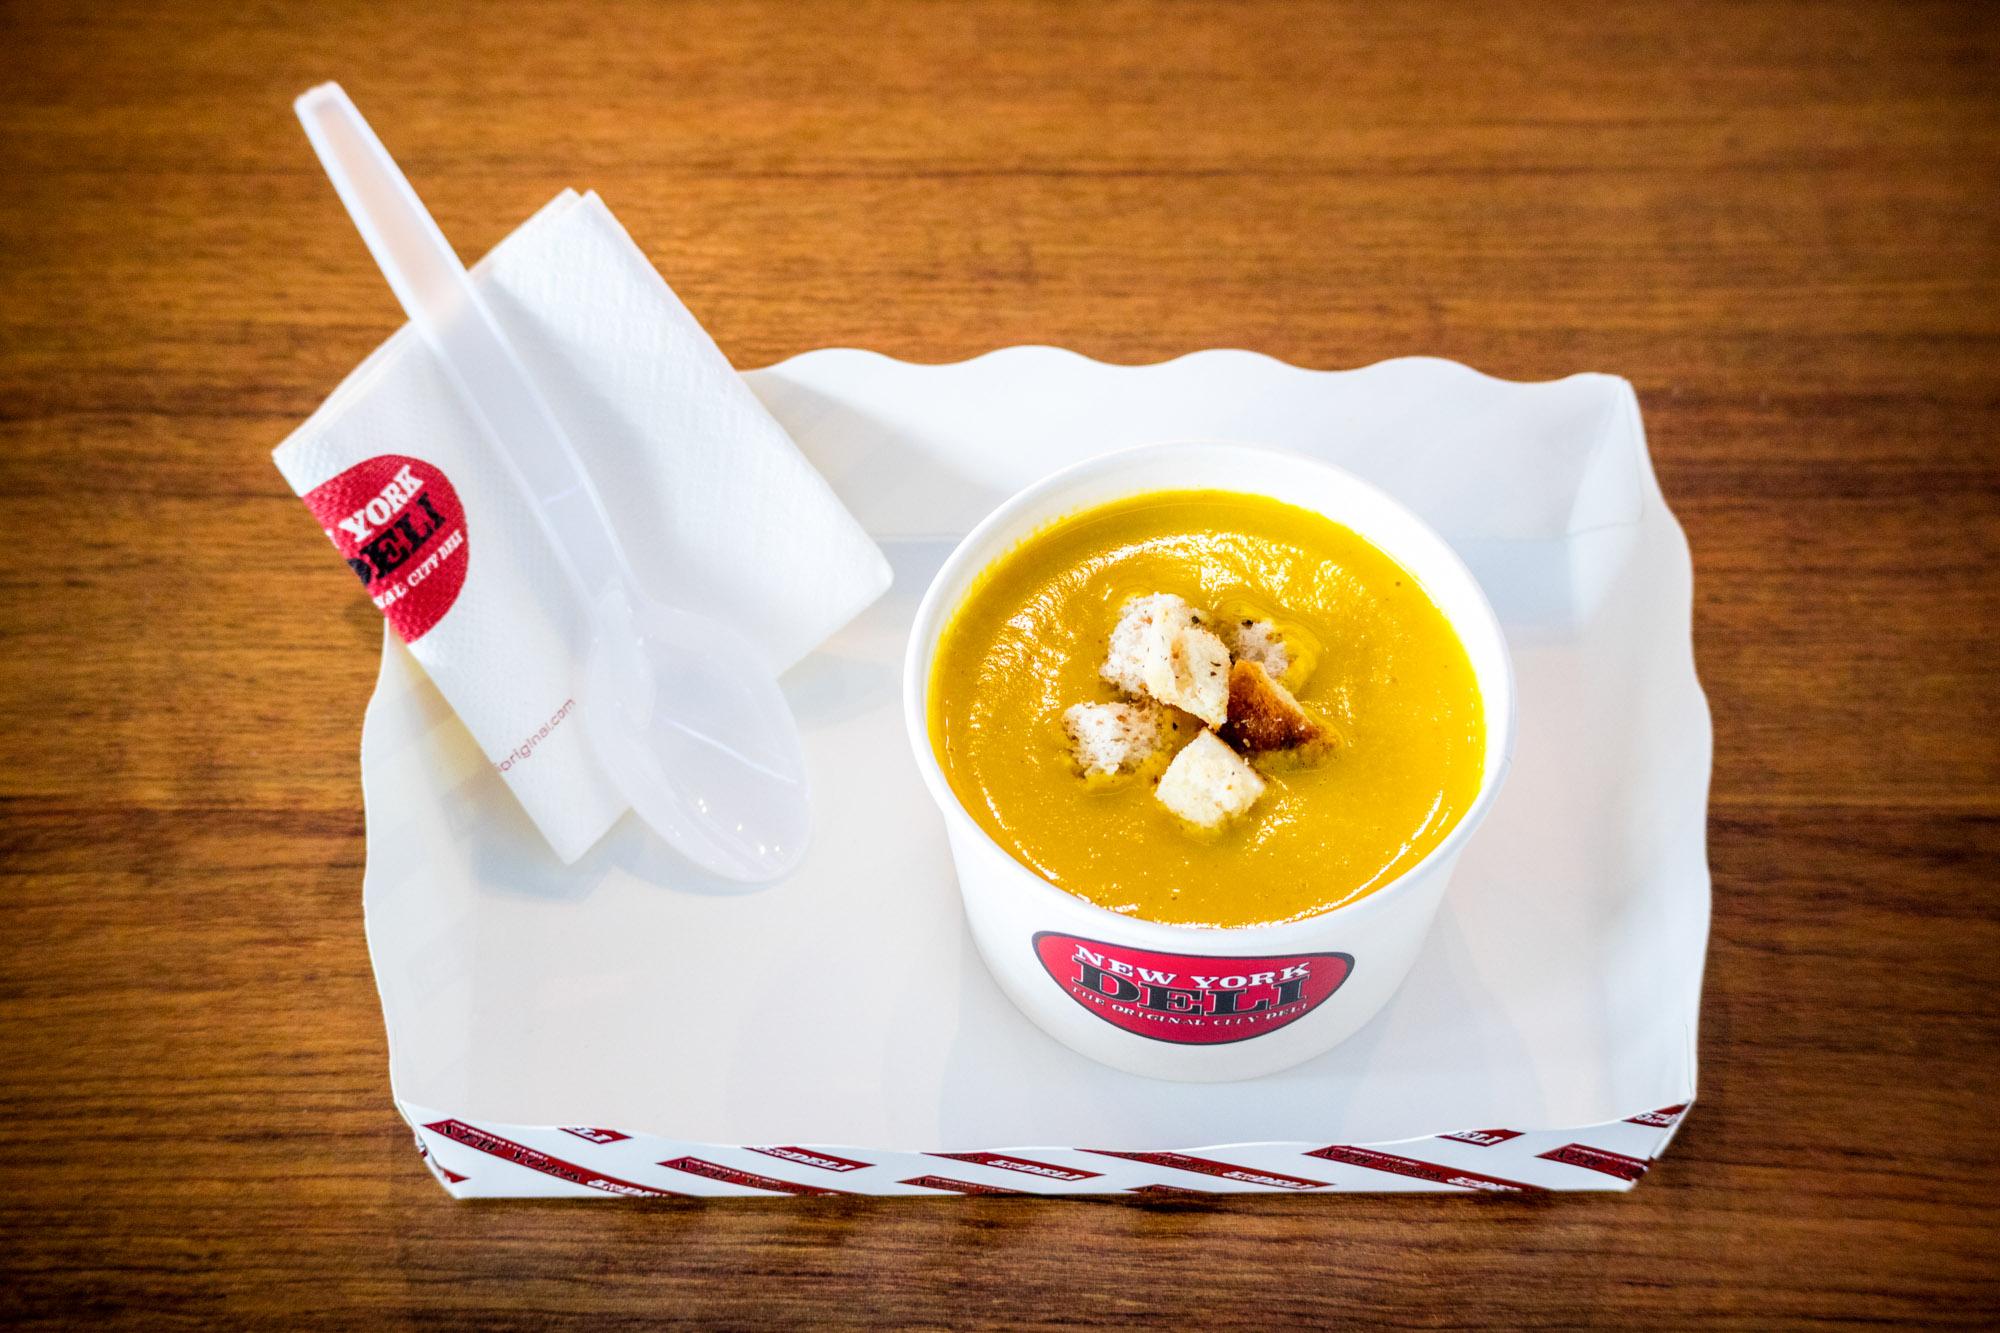 Pumpkin Soup  ร้านอาหารแนะนำ ในอาคารผู้โดยสารขาออกระหว่างประเทศ ท่าอากาศยานภูเก็ต IMG 8306